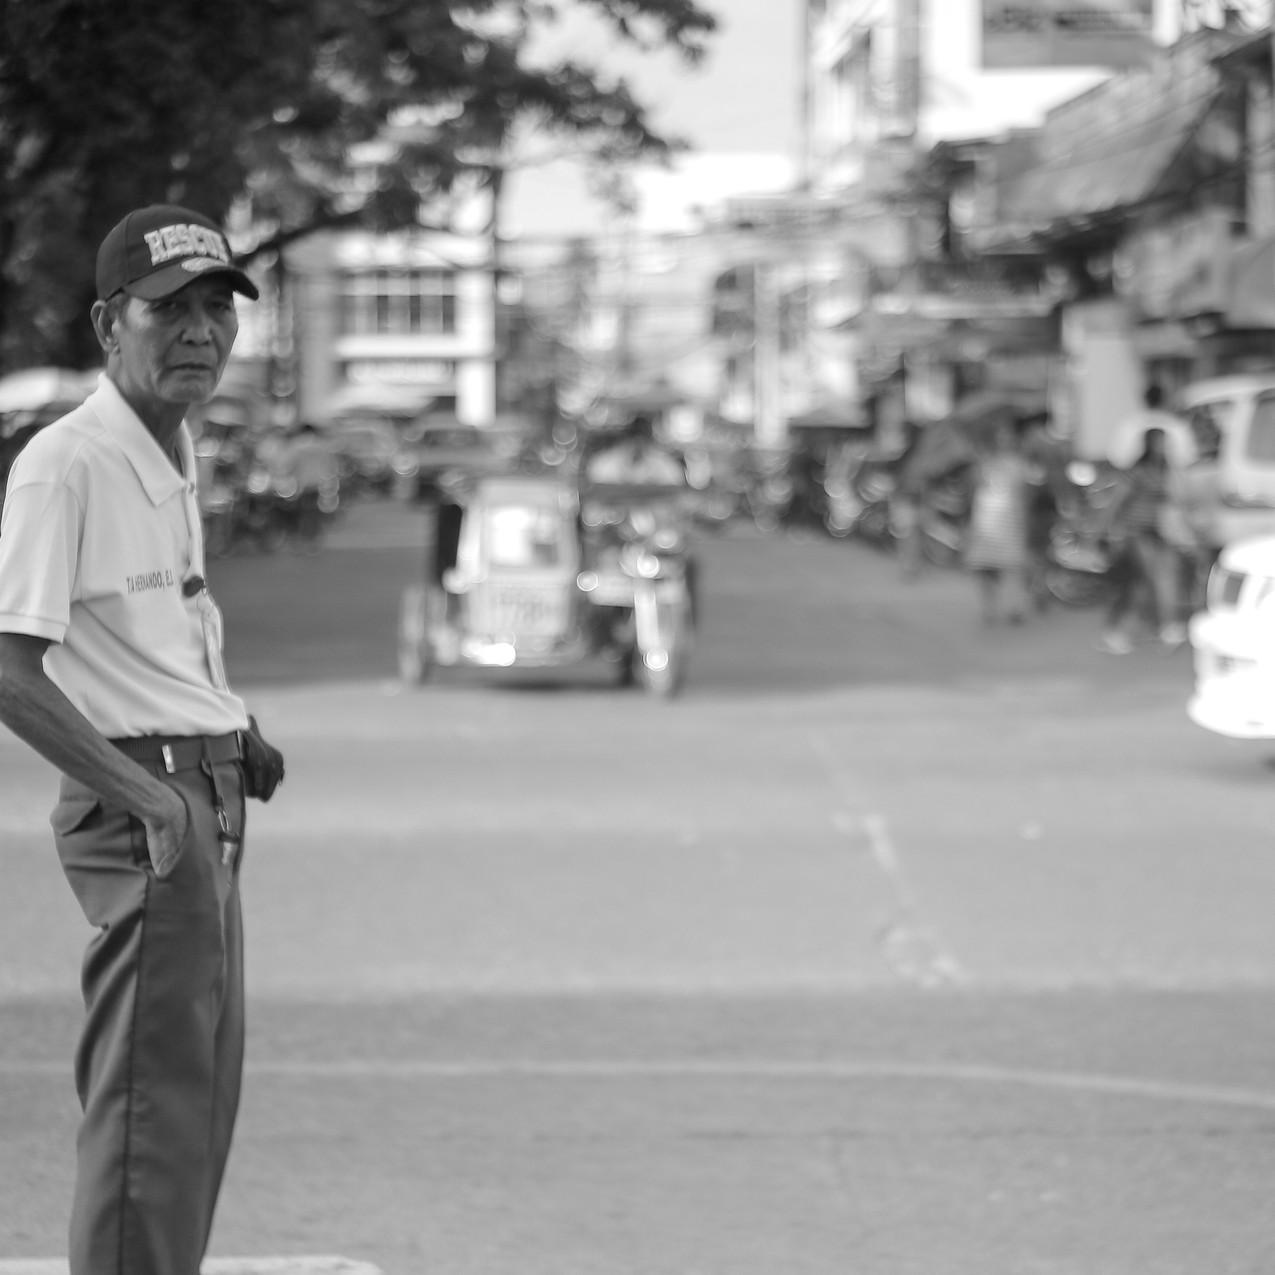 A Lone Traffic Enforcer